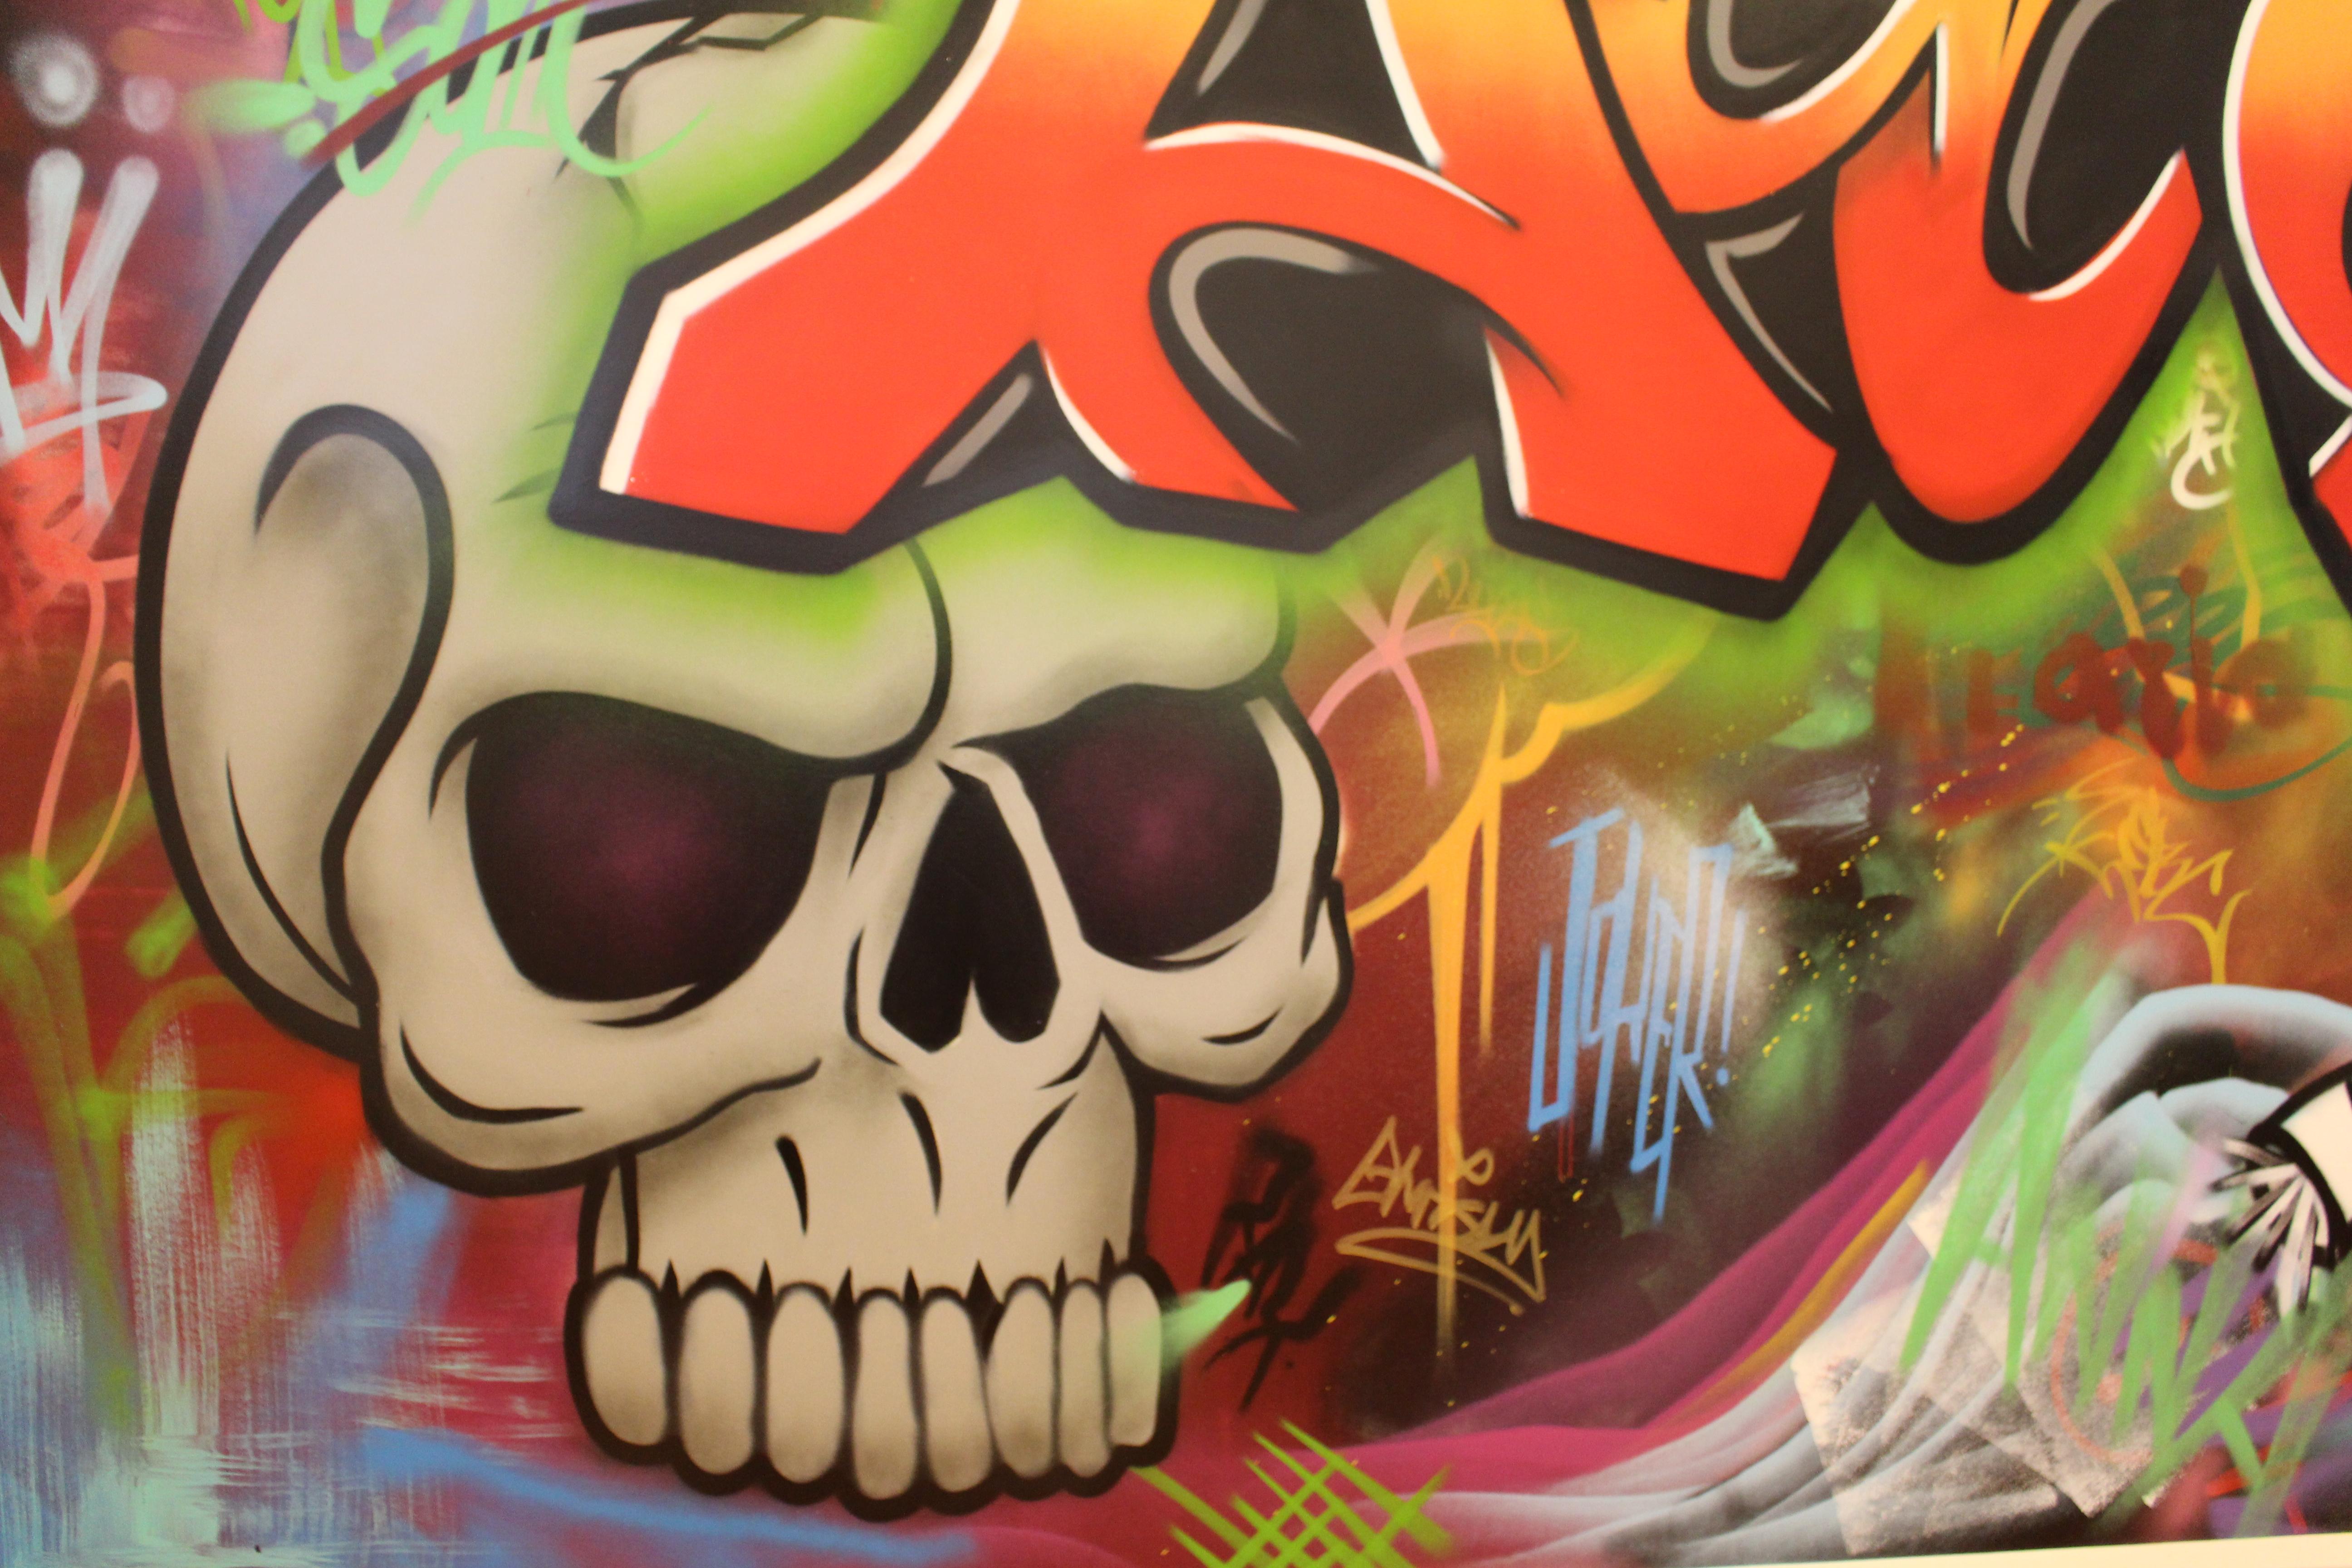 skull and graffiti wall art